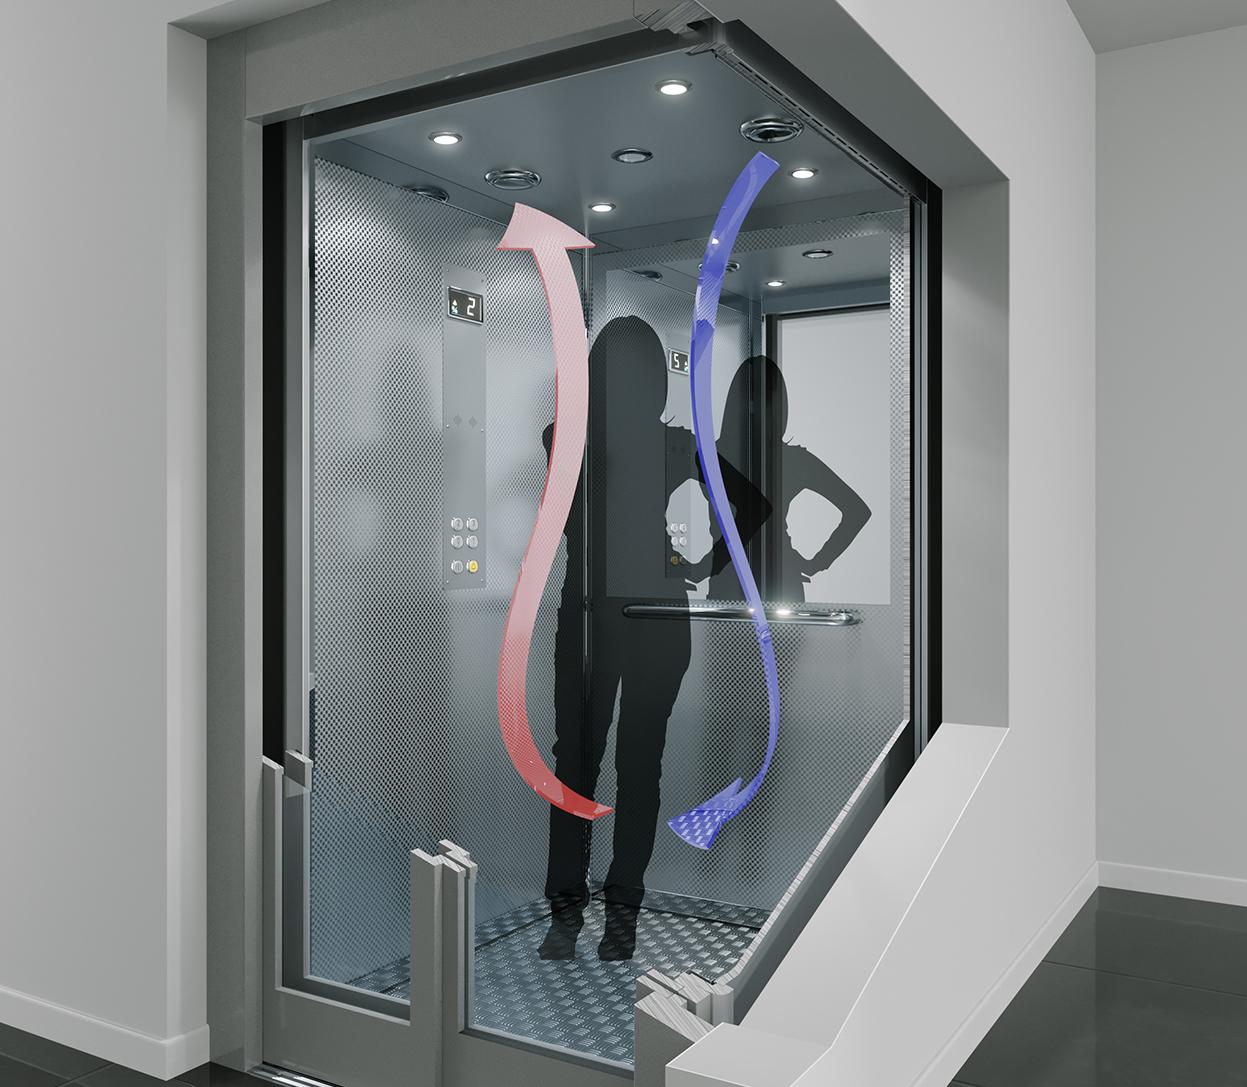 Ascensori: da IGV Group il kit che sanifica l'aria e sterilizza la cabina per la sicurezza di quelli già installati